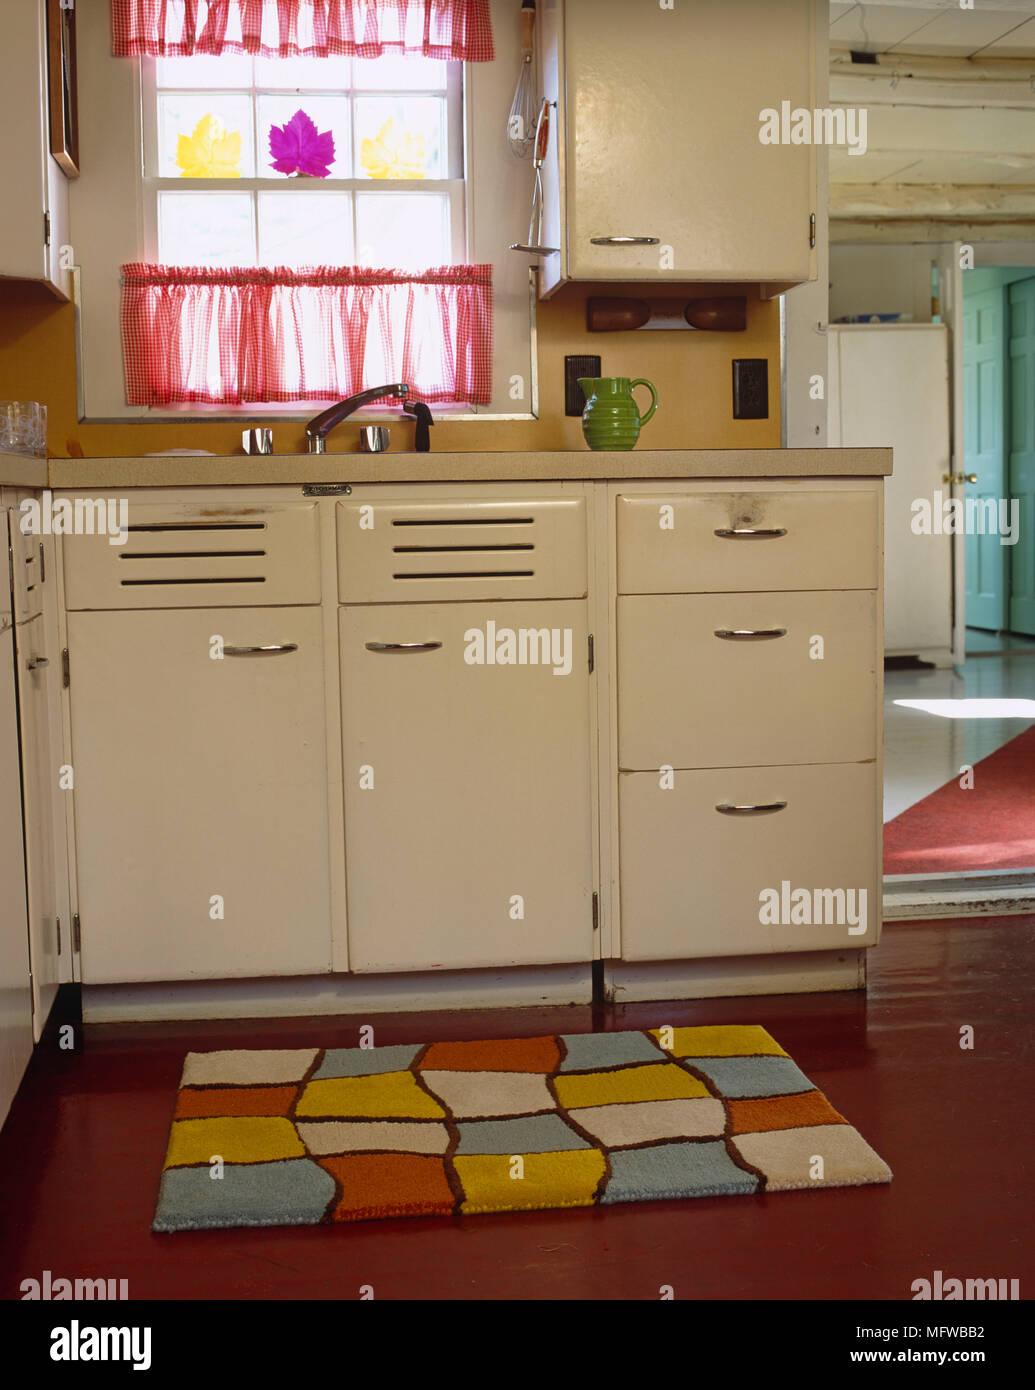 Retro Stil Küche ausgestattet mit Waschbecken Stockfoto, Bild ...